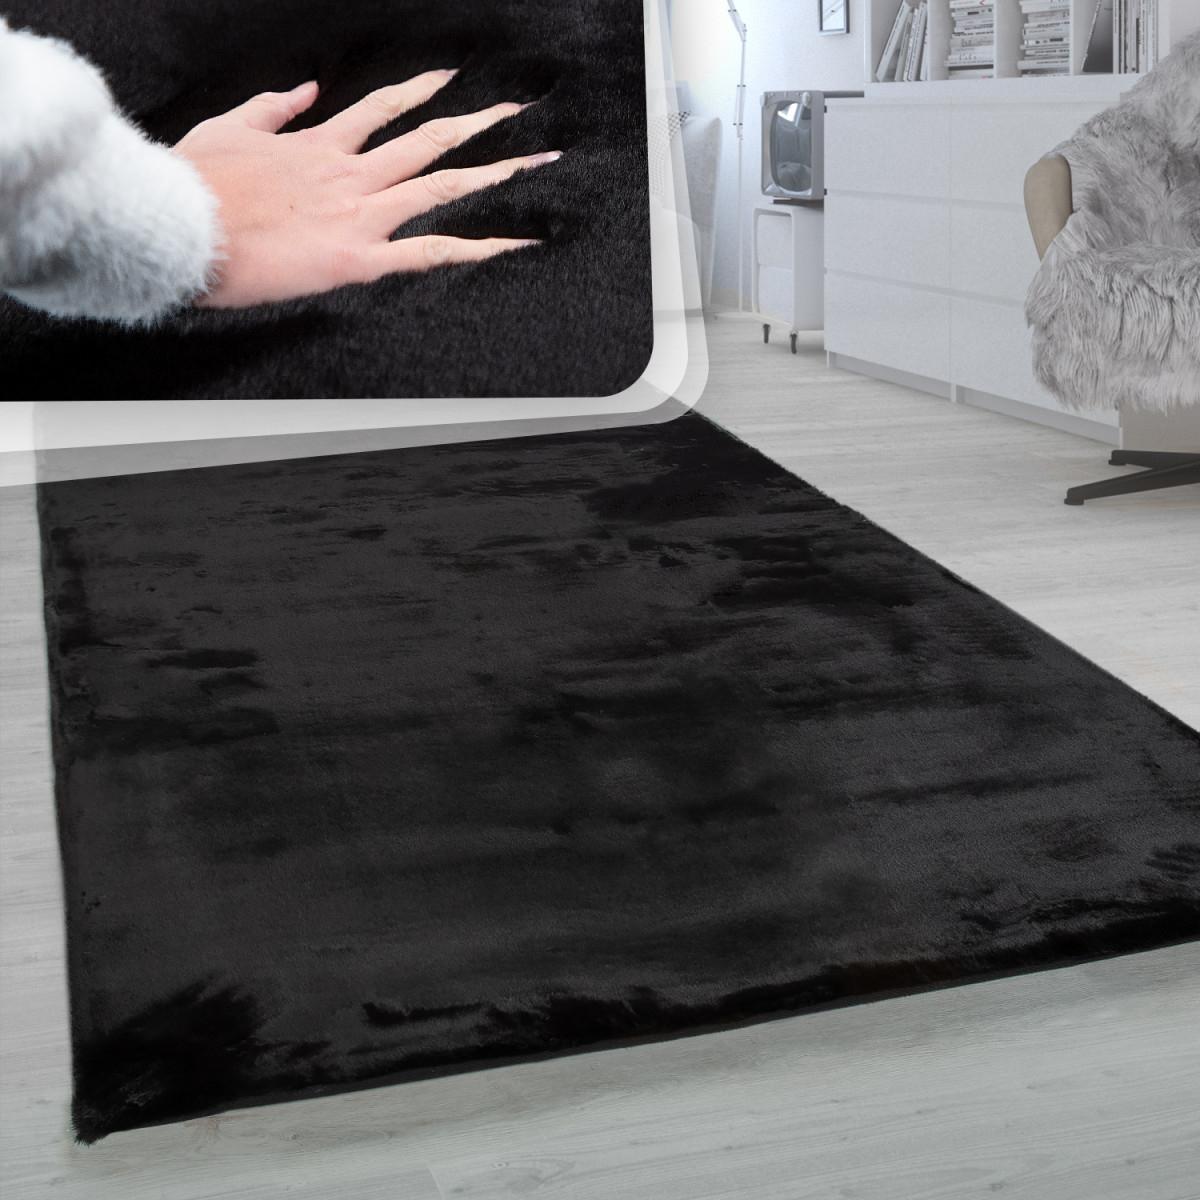 Hochflor Teppich Wohnzimmer Super Softes Kaninchenfell Imitat Kunstfell  Schwarz von Wohnzimmer Teppich Schwarz Photo